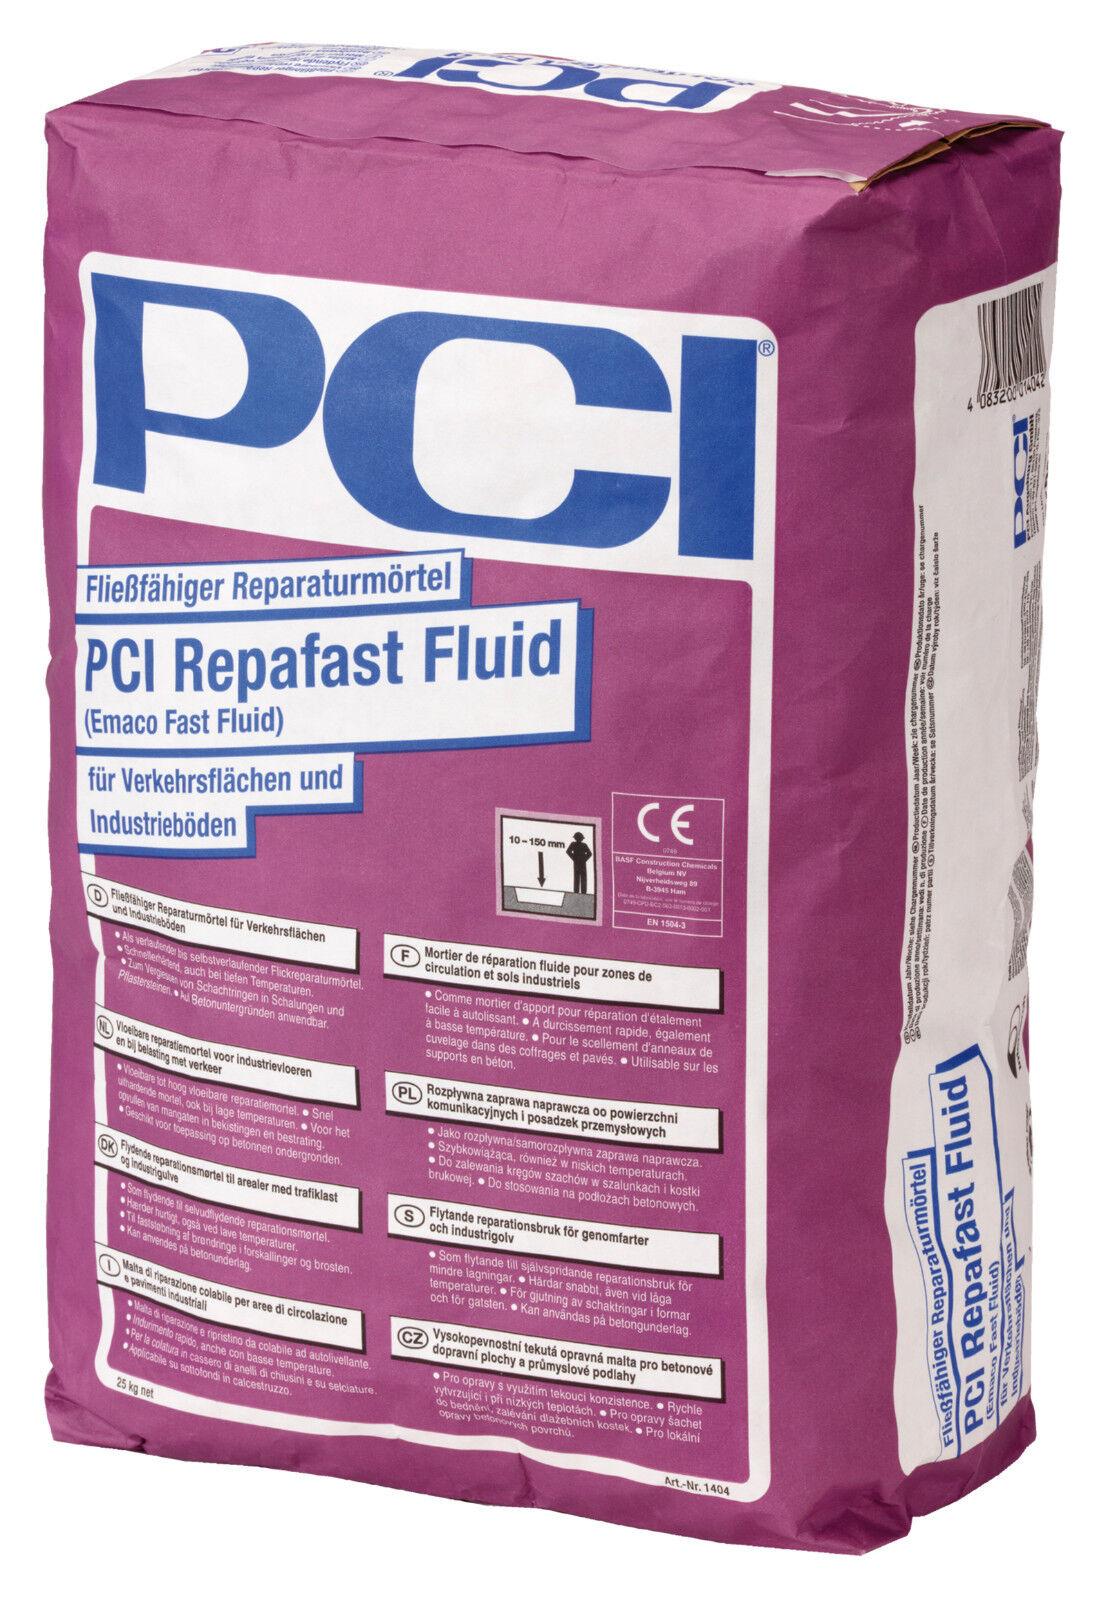 PCI Repafast® Fluid 25 kg Fließfähiger Reparaturmörtel für Verkehrsflächen